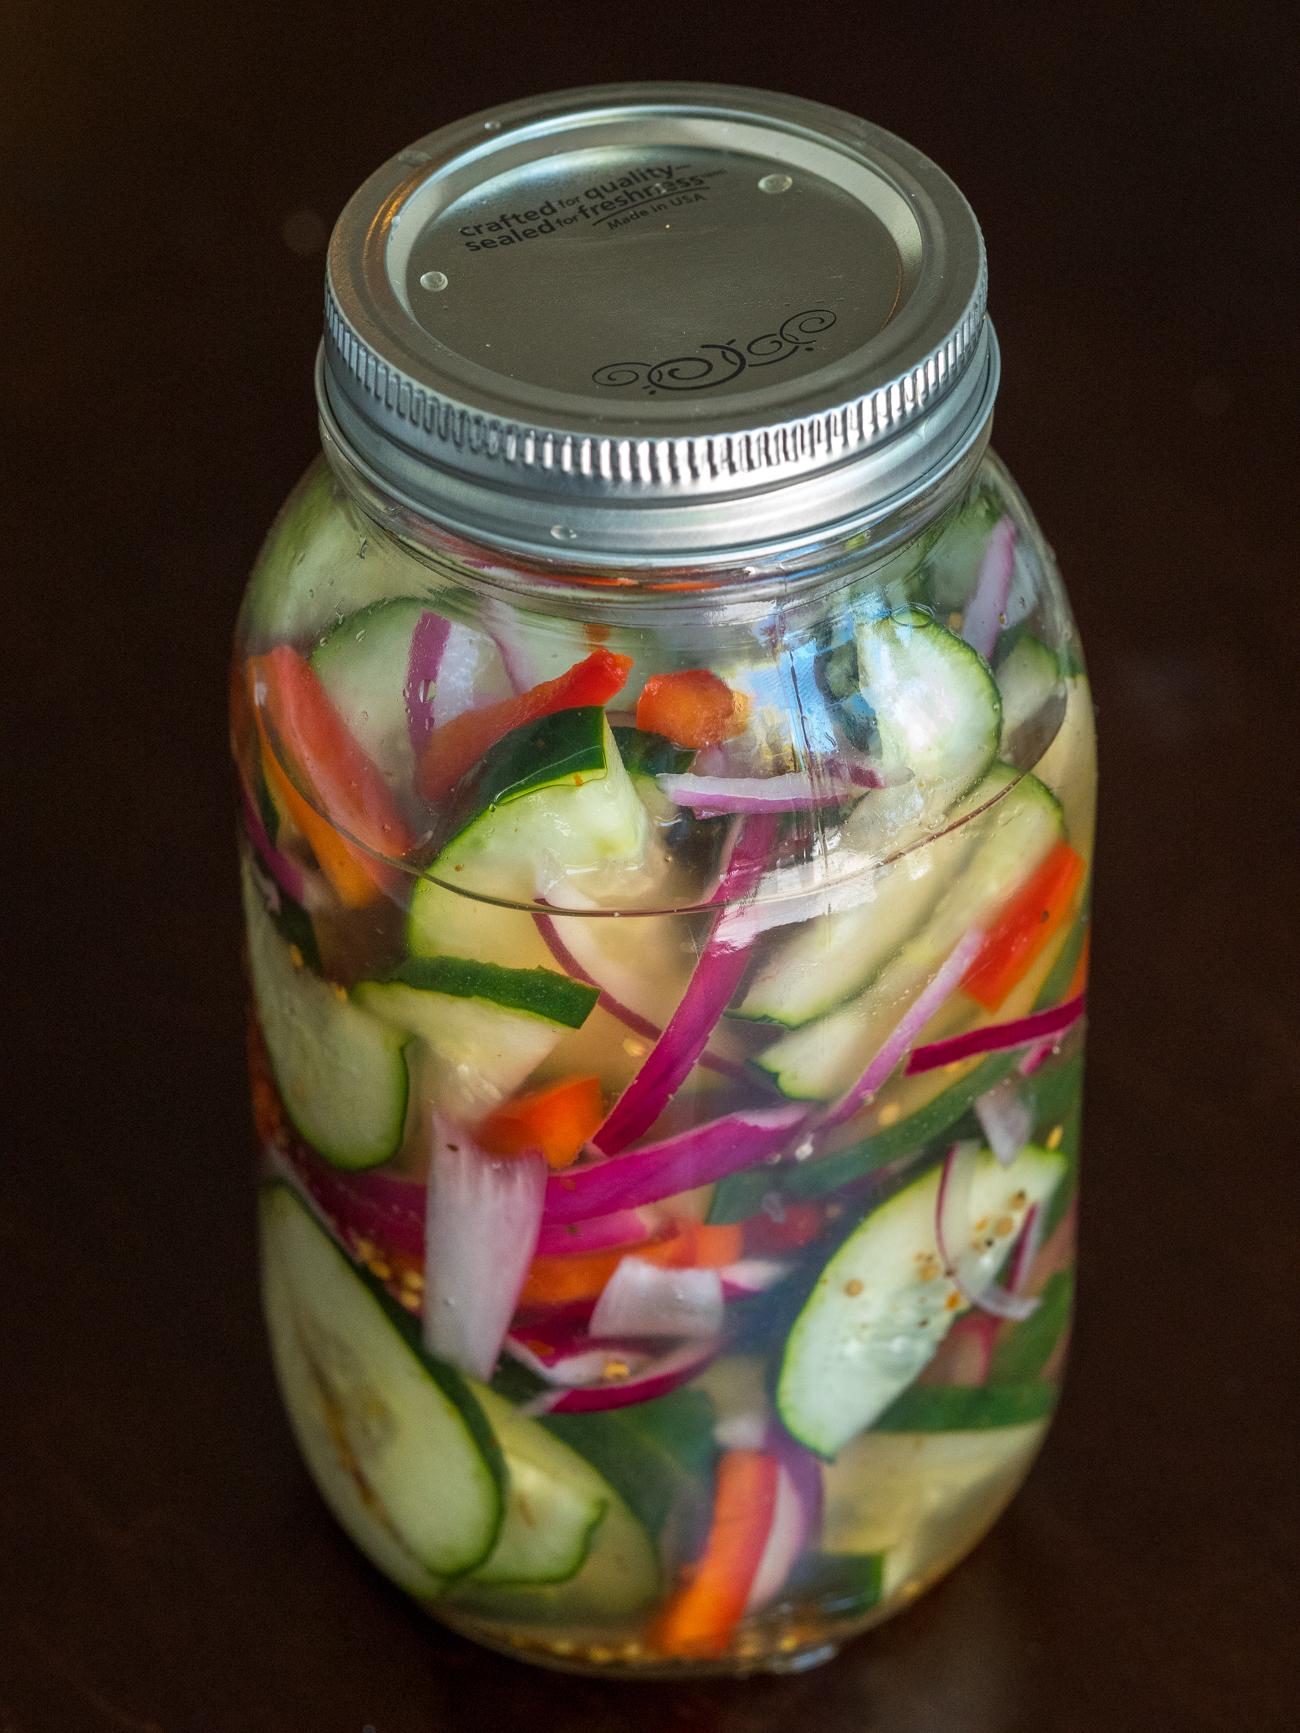 Cucumber Salad Canning Recipe